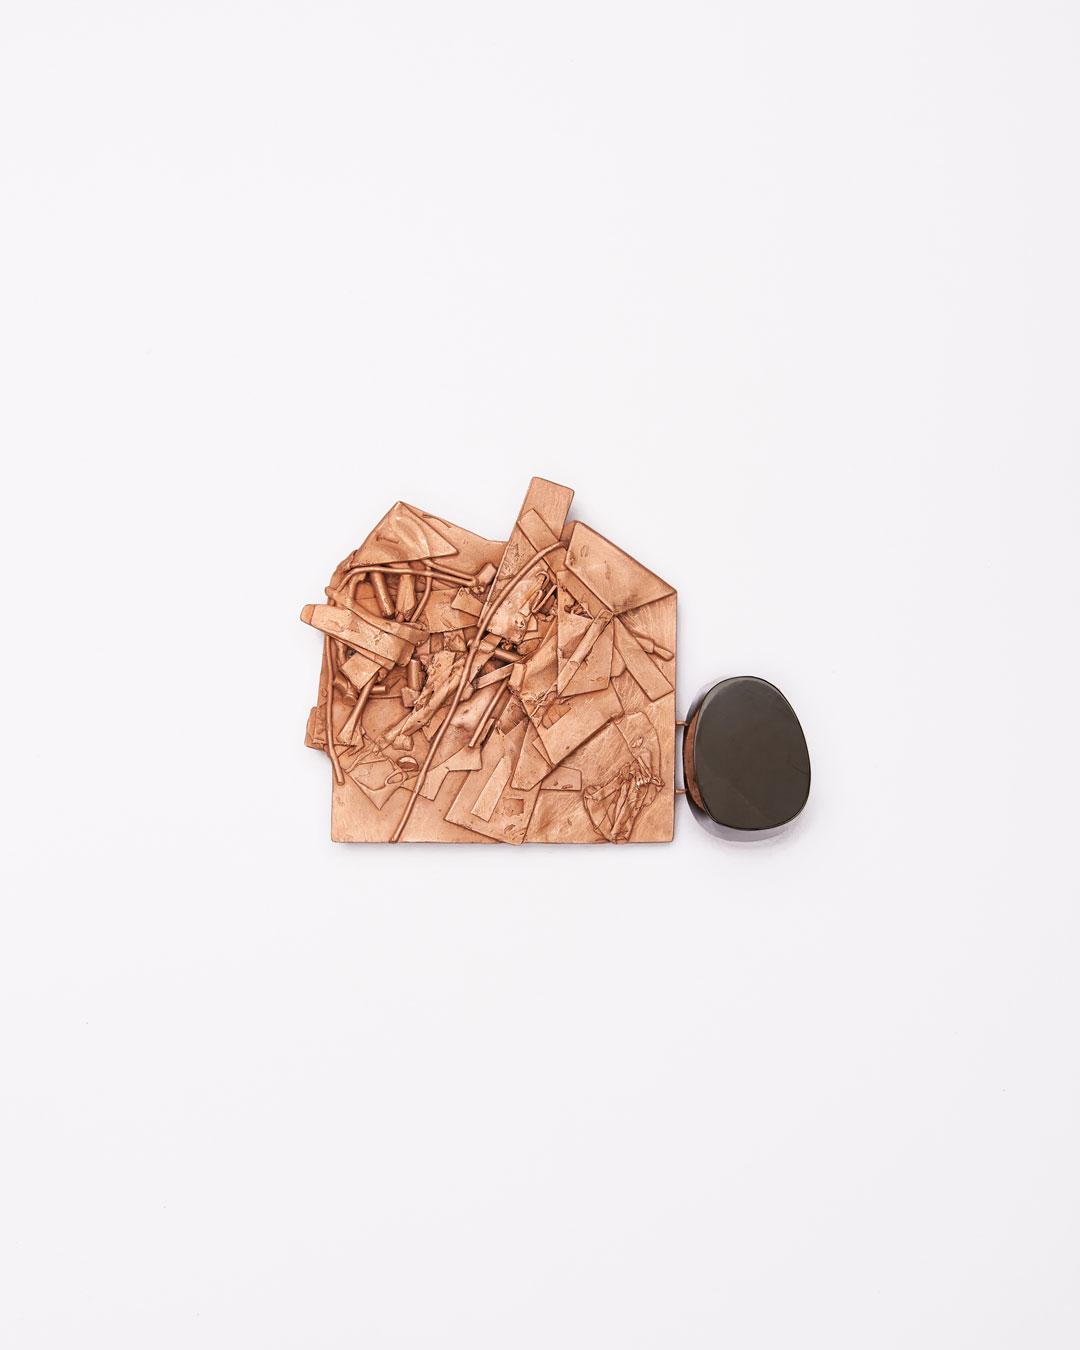 Iris Bodemer, Notizen (Notes), 2016, brooch; bronze, jet, 80 x 110 x 20 mm, €2000